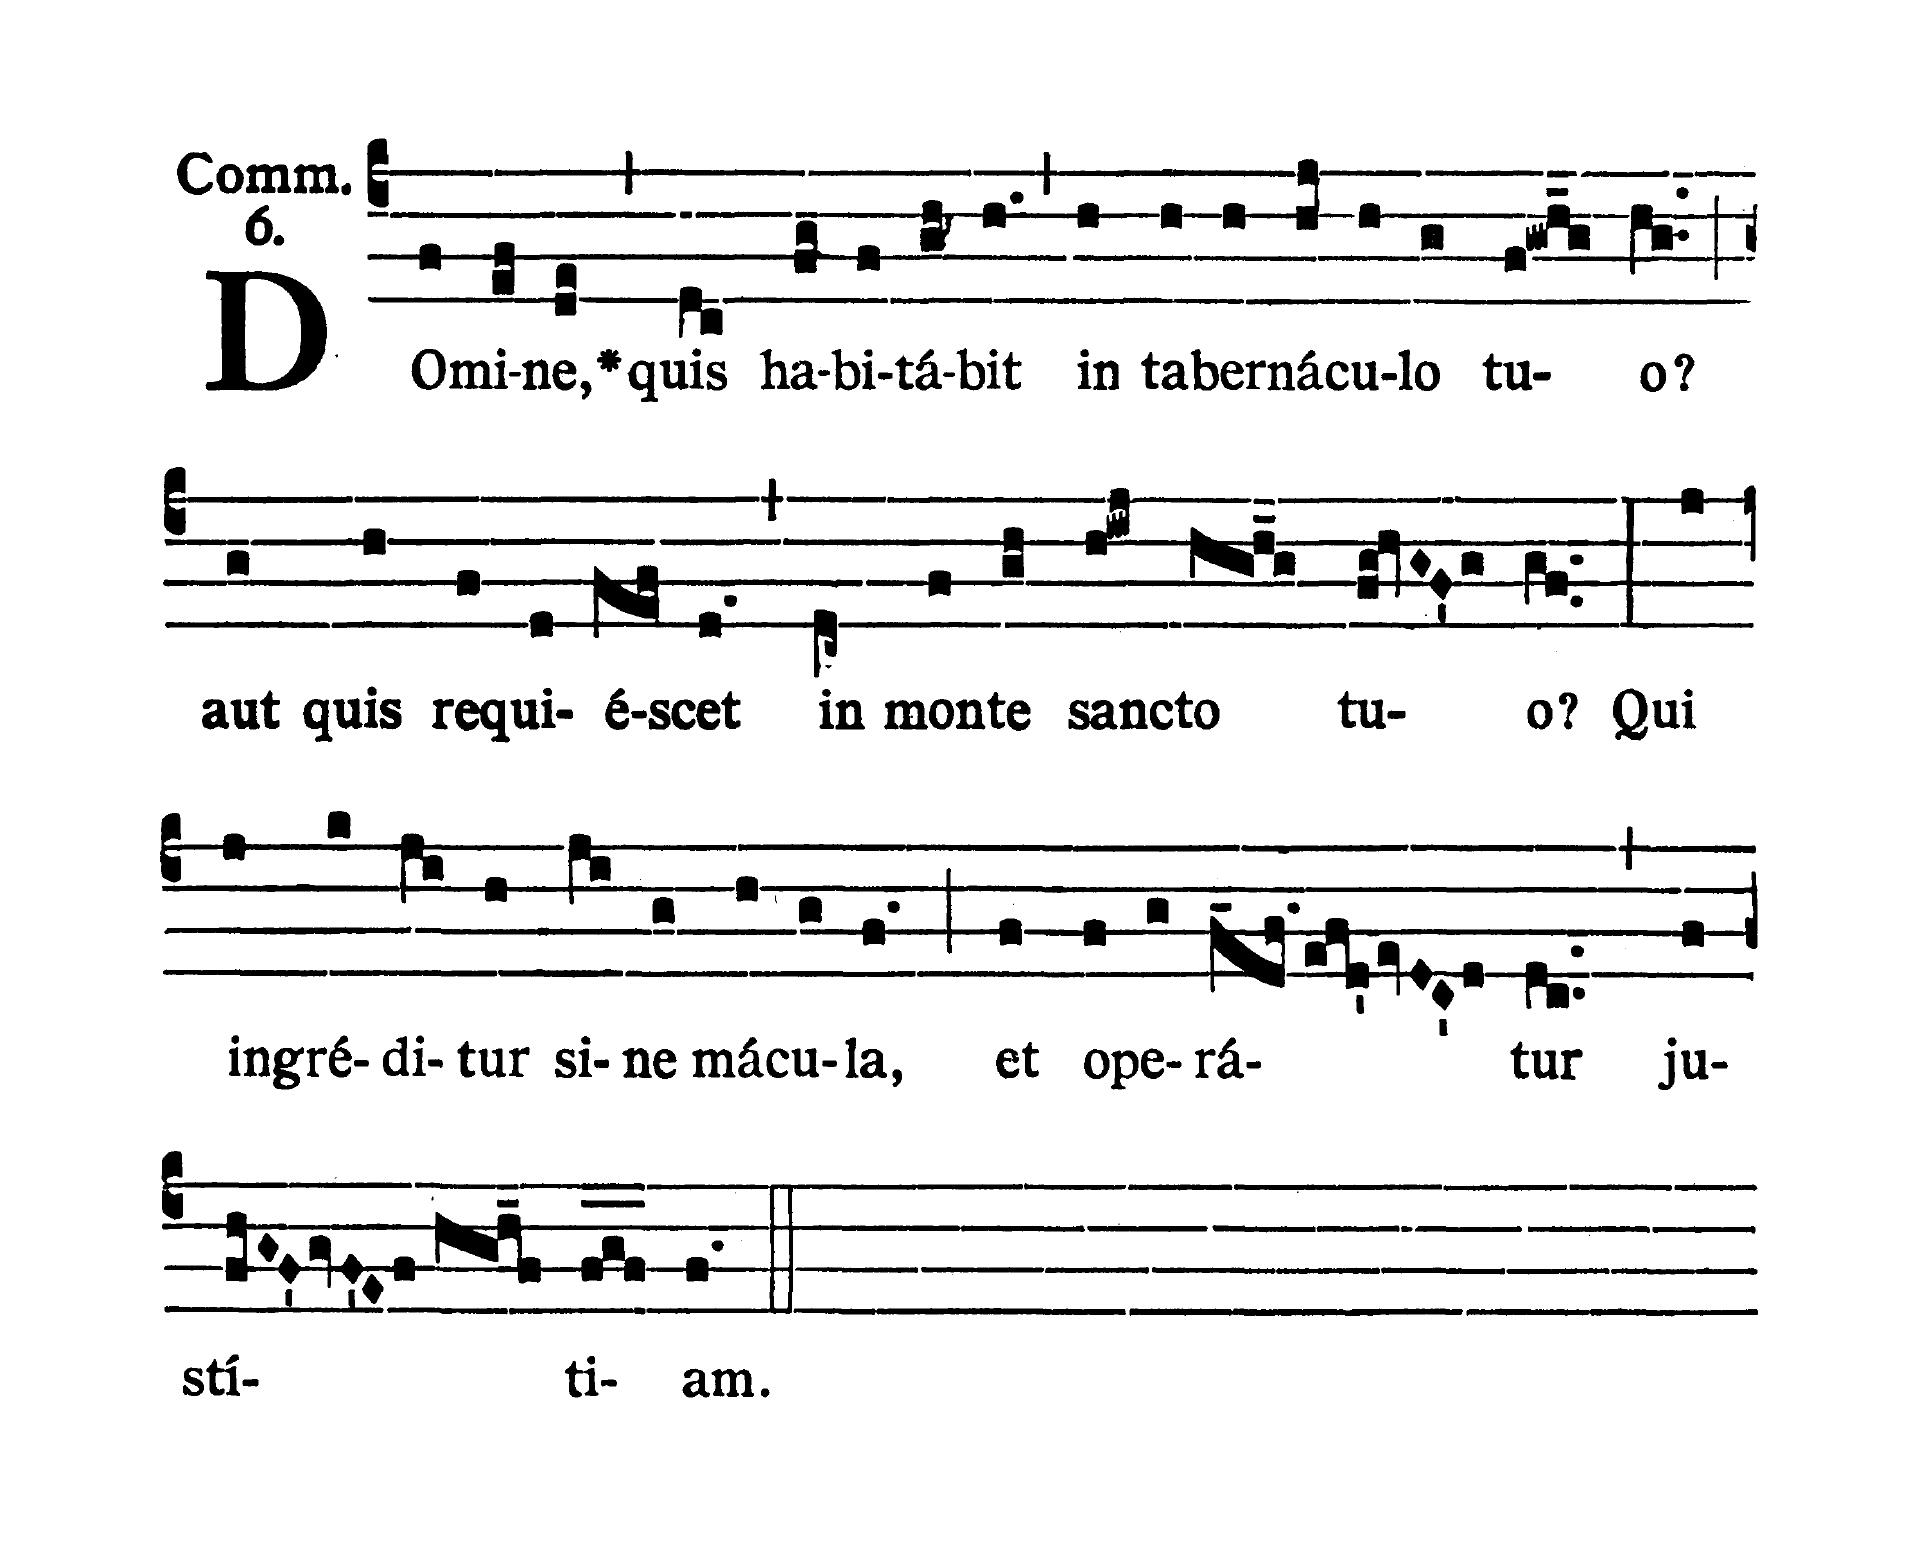 Feria III post Dominicam III Quadragesimae (Wtorek po III Niedzieli Wielkiego Postu) - Communio (Domine quis habitabit)